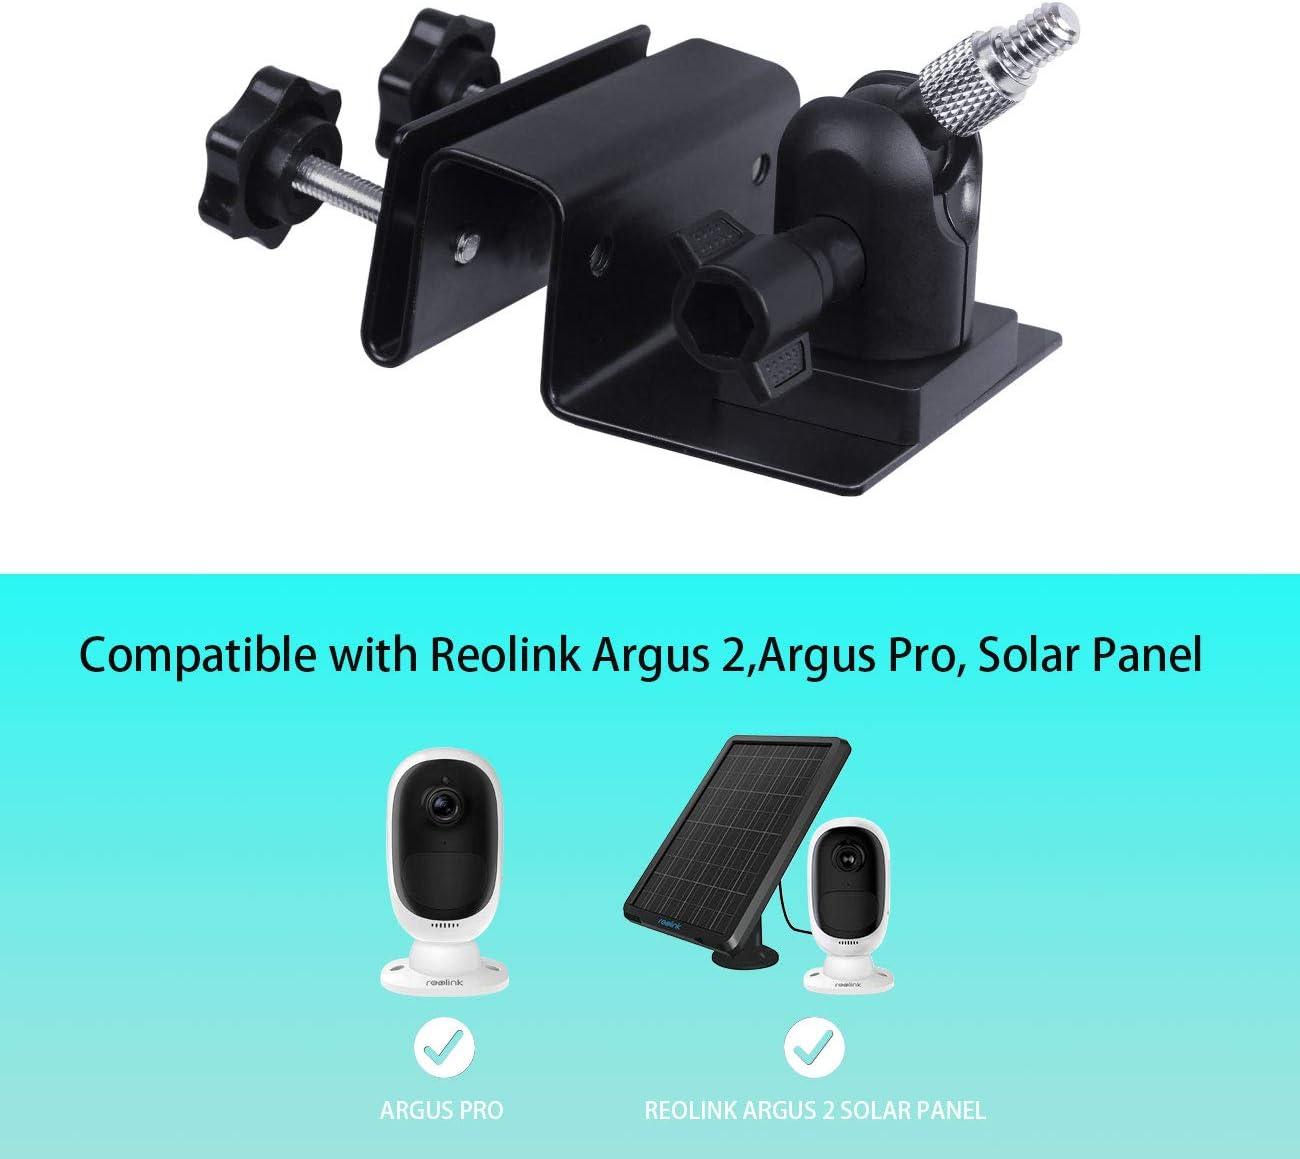 schwarz Solarpanel Argus Pro TIUIHU Wetterfeste Dachrinnenhalterung f/ür Reolink Argus 2 Reolink Zubeh/ör Outdoor Mount